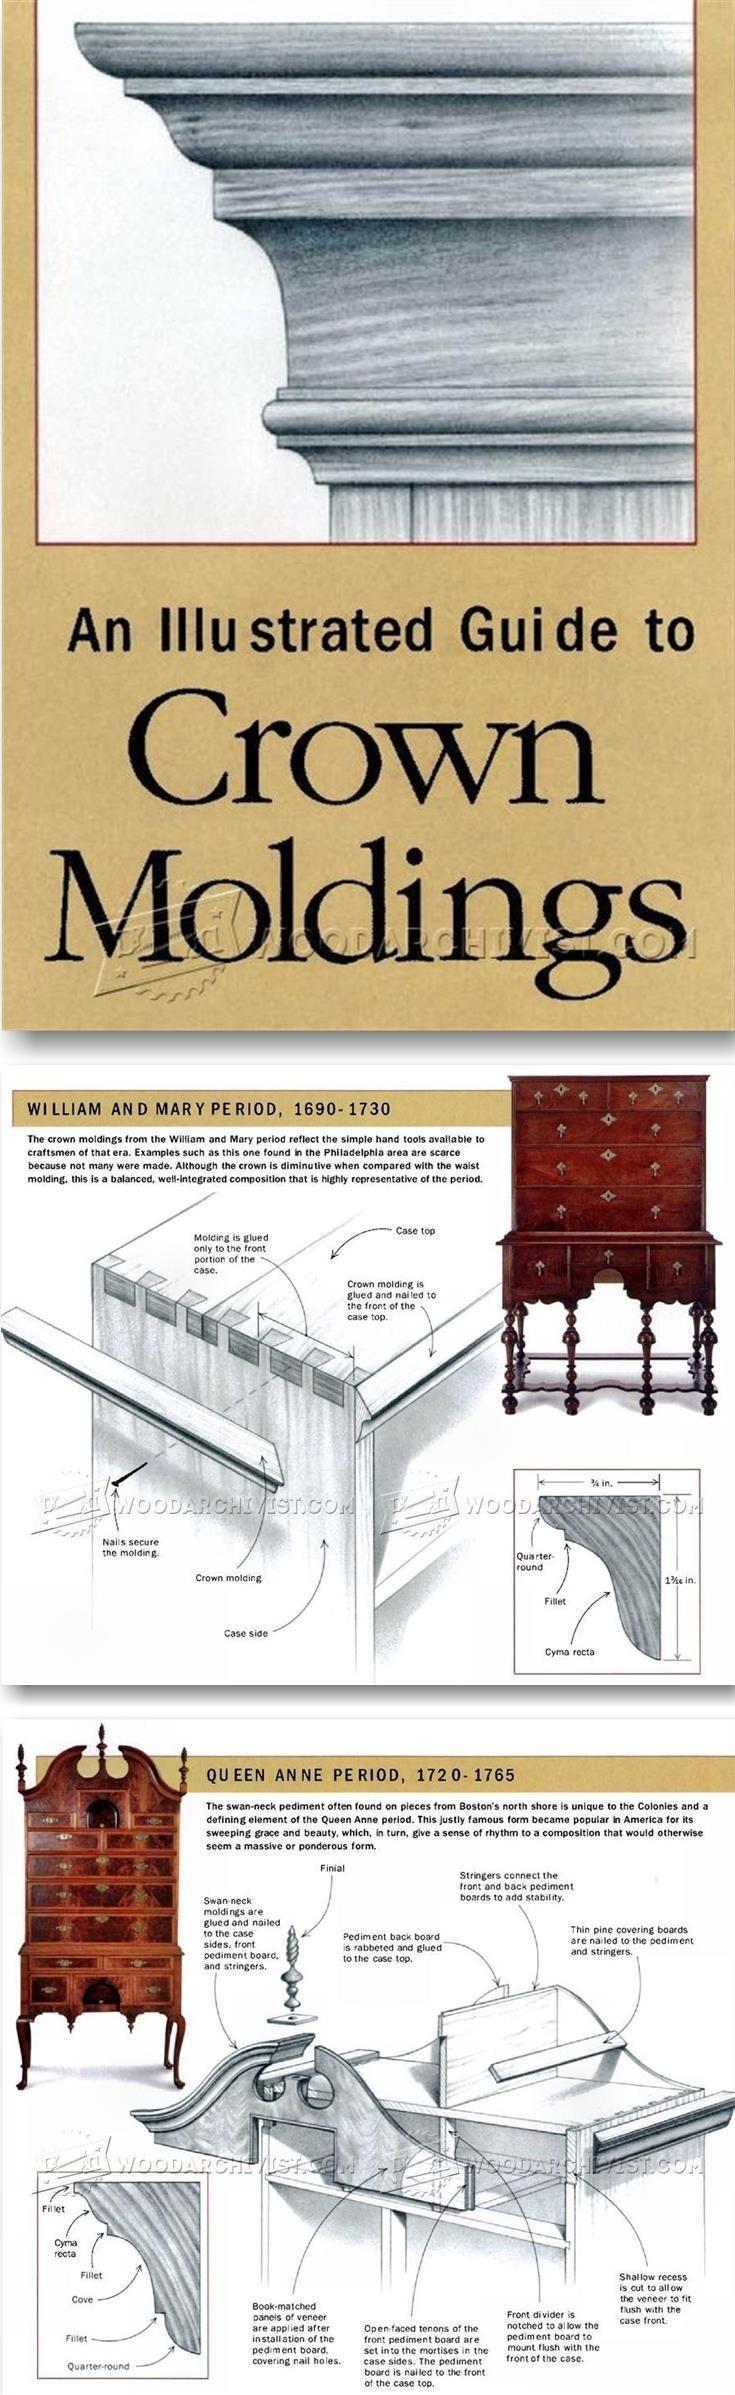 Crown Moldings - Furniture Molding Construction Techniques | WoodArchivist.com